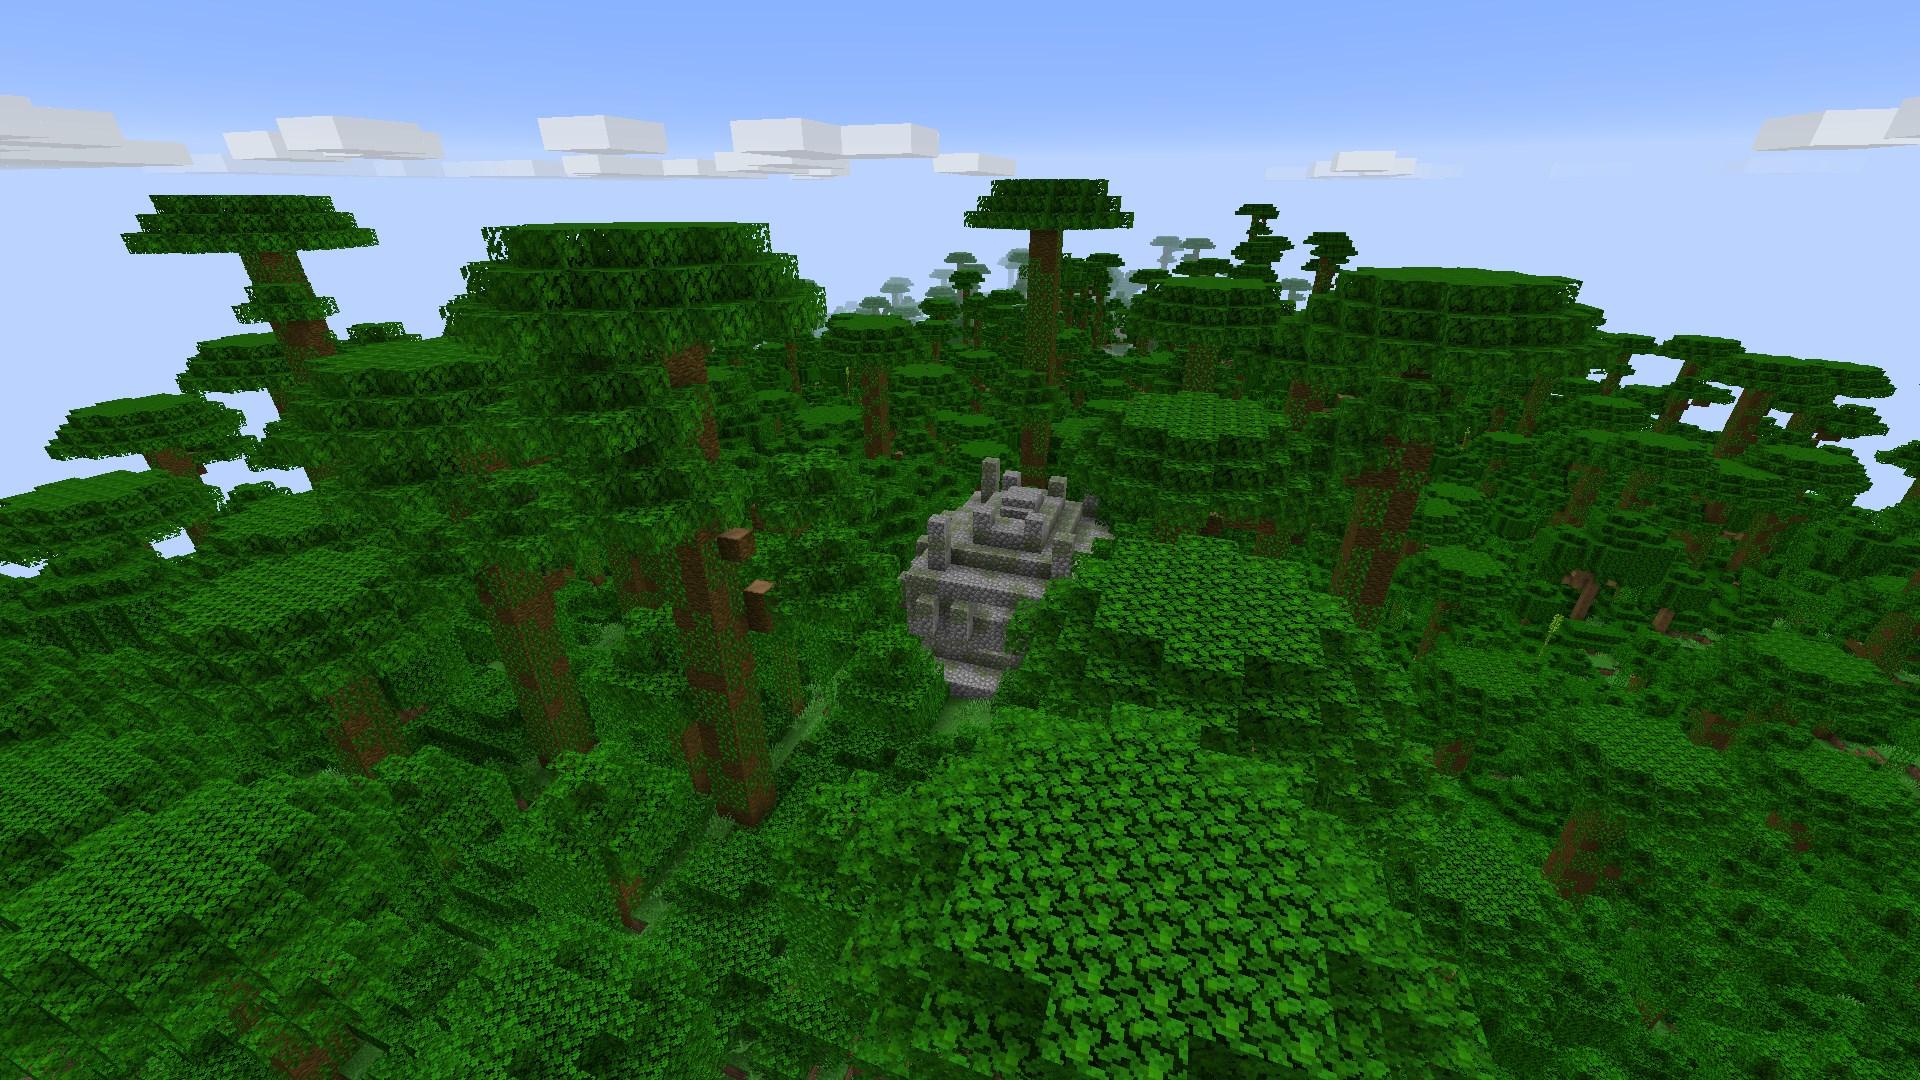 Minecraft seeds (1 14) – one of the best Minecraft 1 14